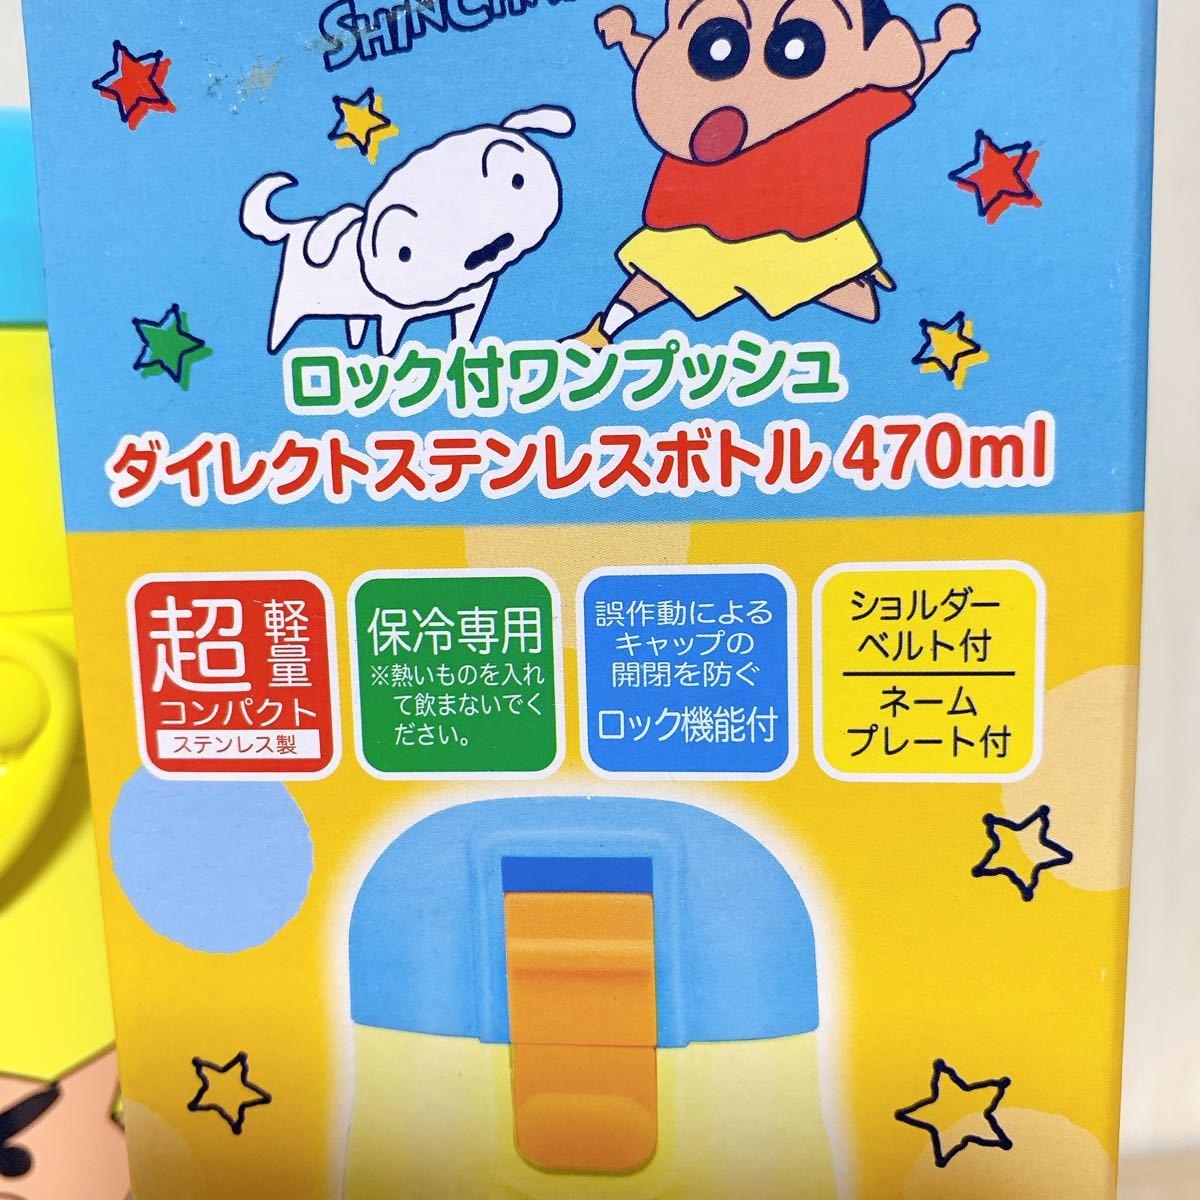 クレヨンしんちゃん☆超軽量 470ml  ダイレクトステンレスボトル